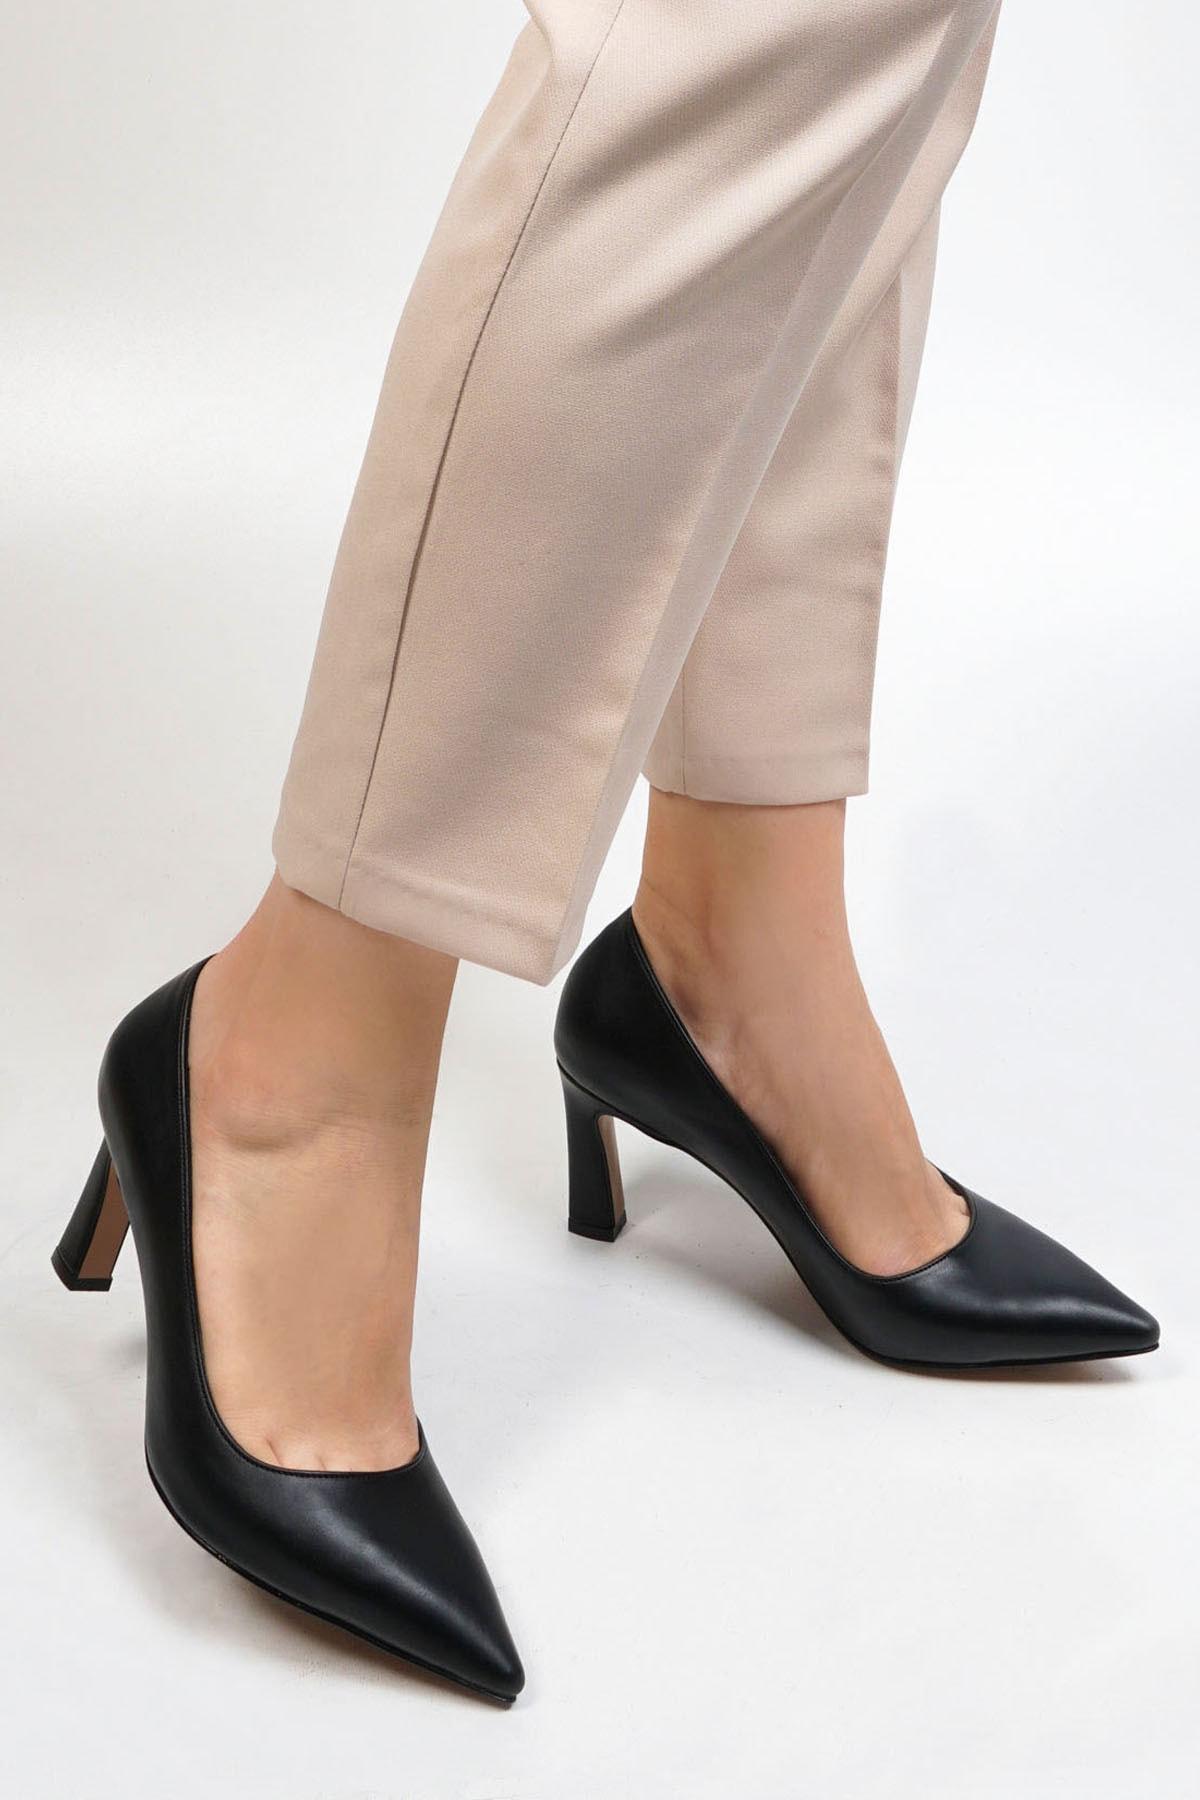 Marjin Akuna Kadın Stiletto Topuklu Ayakkabısiyah 2